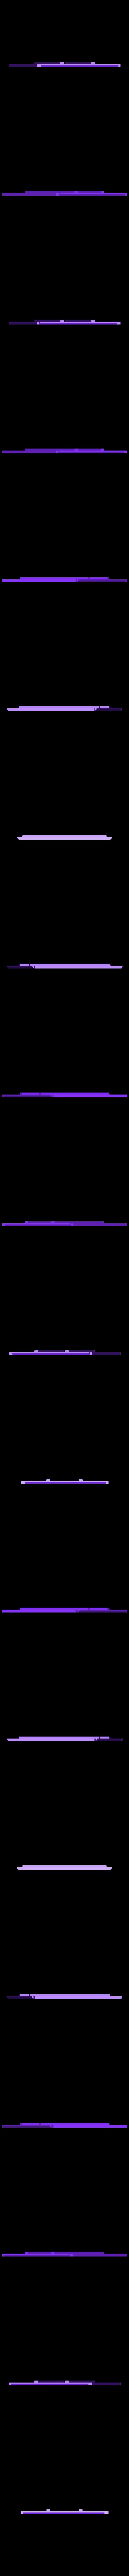 door_v1.stl Télécharger fichier STL gratuit Boxcar russe série 11-270, échelle HO • Design pour impression 3D, positron